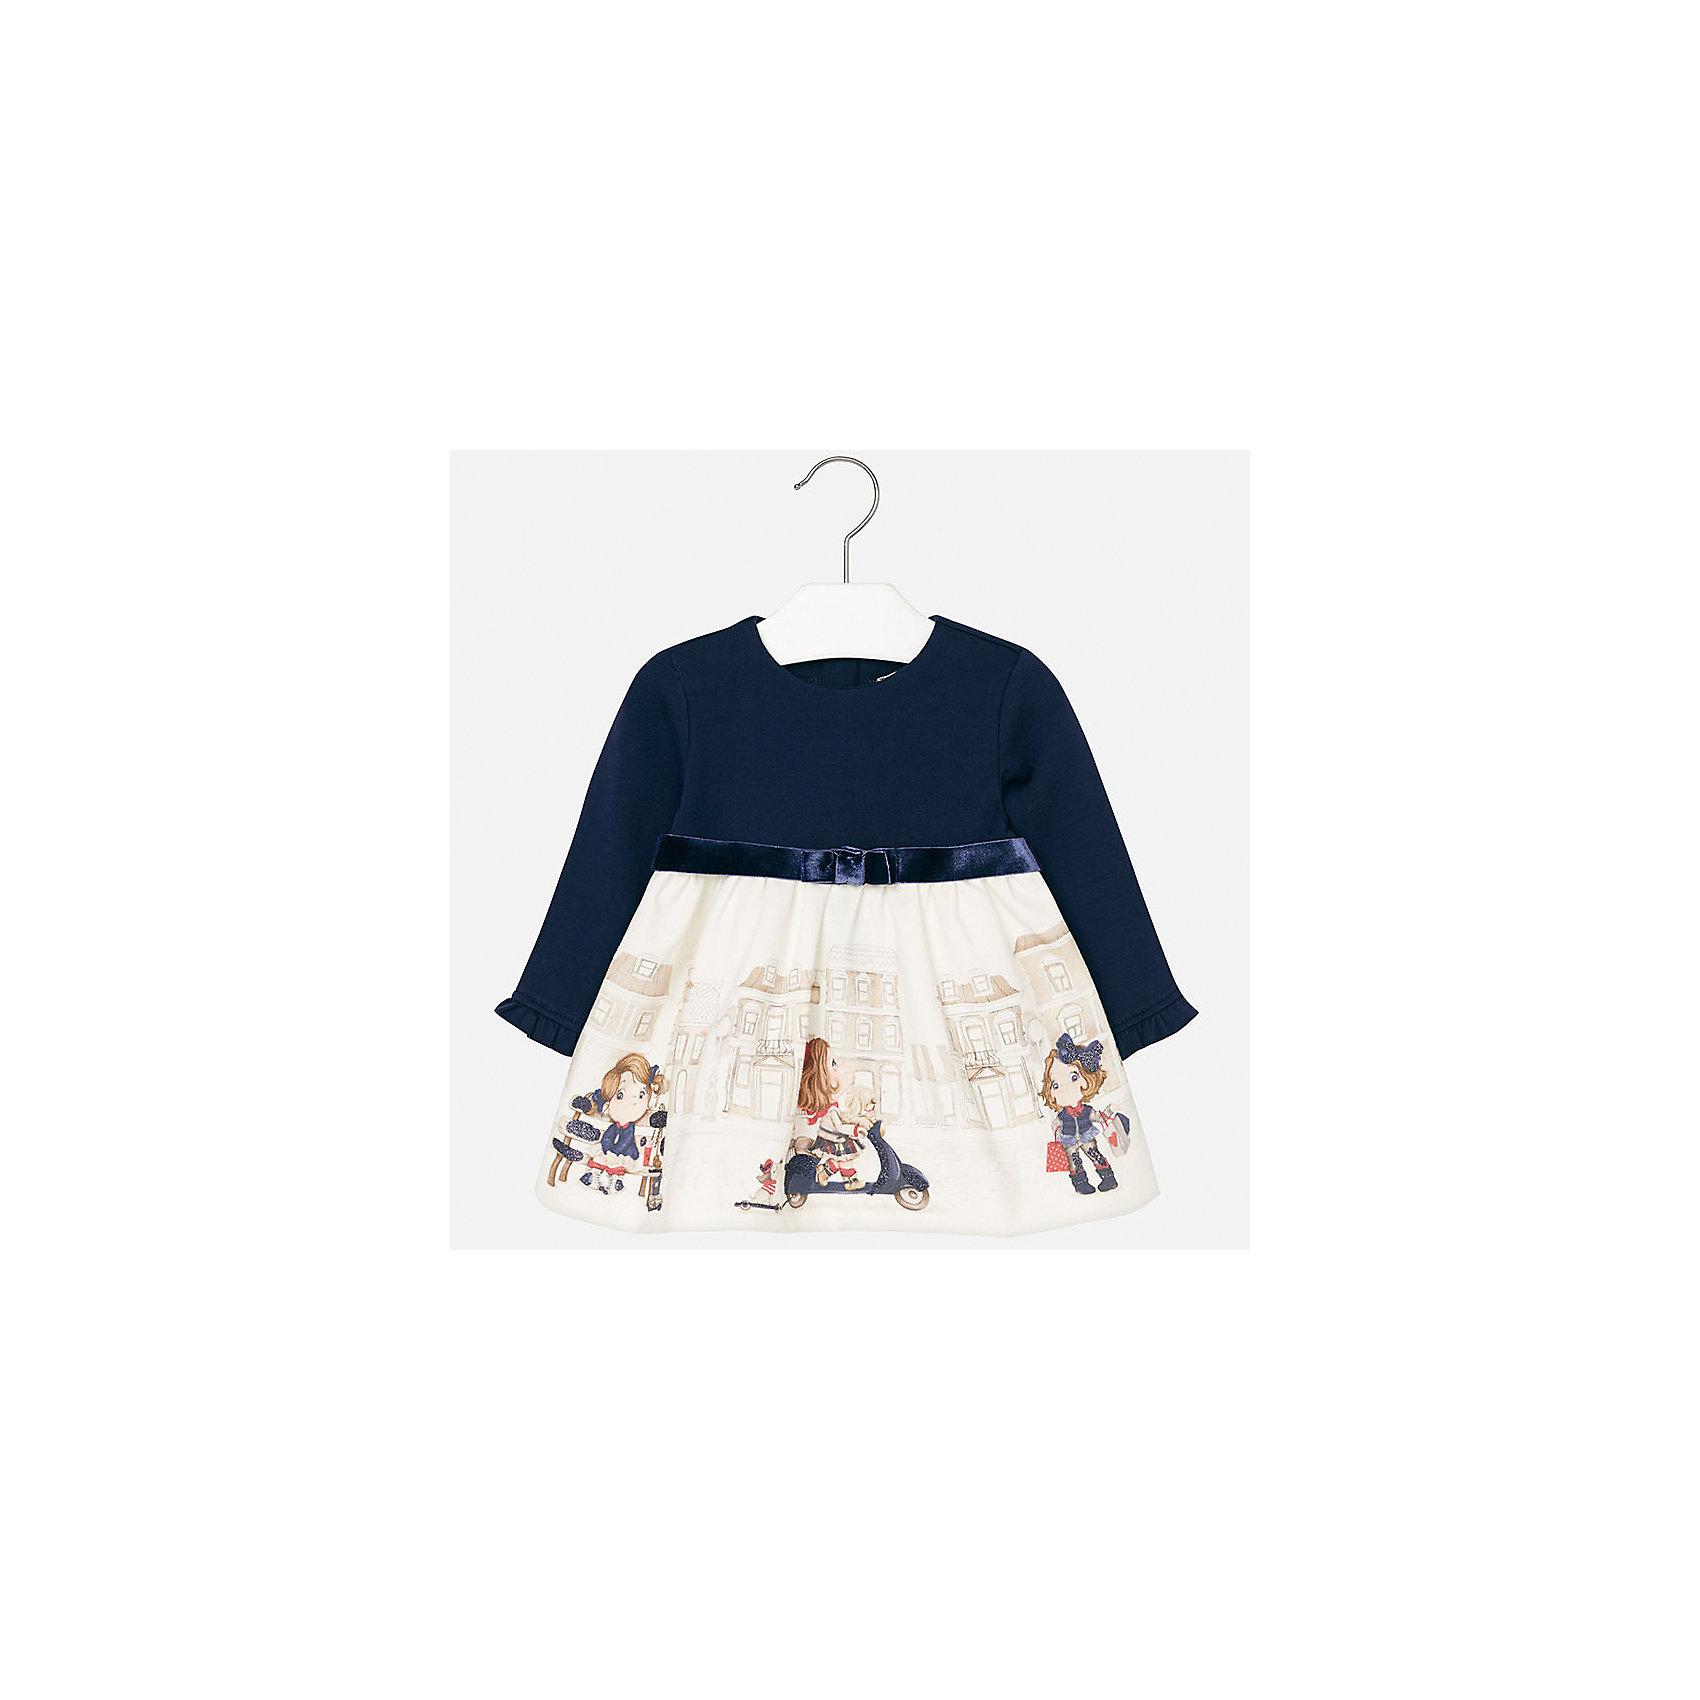 Платье для девочки MayoralПлатья<br>Характеристики товара:<br><br>• цвет: белый/синий<br>• состав ткани верха: 95% хлопок, 5% эластан<br>• подкладка: 100% полиэстер<br>• сезон: демисезон<br>• особенности модели: нарядная<br>• застежка: молния<br>• длинные рукава<br>• страна бренда: Испания<br>• страна изготовитель: Индия<br><br>Это детское платье сделано из дышащего приятного на ощупь материала. Благодаря качественной хлопковой ткани детского платья для девочки создаются комфортные условия для тела. Платье с принтом для девочки отличается стильным продуманным дизайном.<br><br>Платье для девочки Mayoral (Майорал) можно купить в нашем интернет-магазине.<br><br>Ширина мм: 236<br>Глубина мм: 16<br>Высота мм: 184<br>Вес г: 177<br>Цвет: синий/белый<br>Возраст от месяцев: 24<br>Возраст до месяцев: 36<br>Пол: Женский<br>Возраст: Детский<br>Размер: 98,74,80,86,92<br>SKU: 6944733